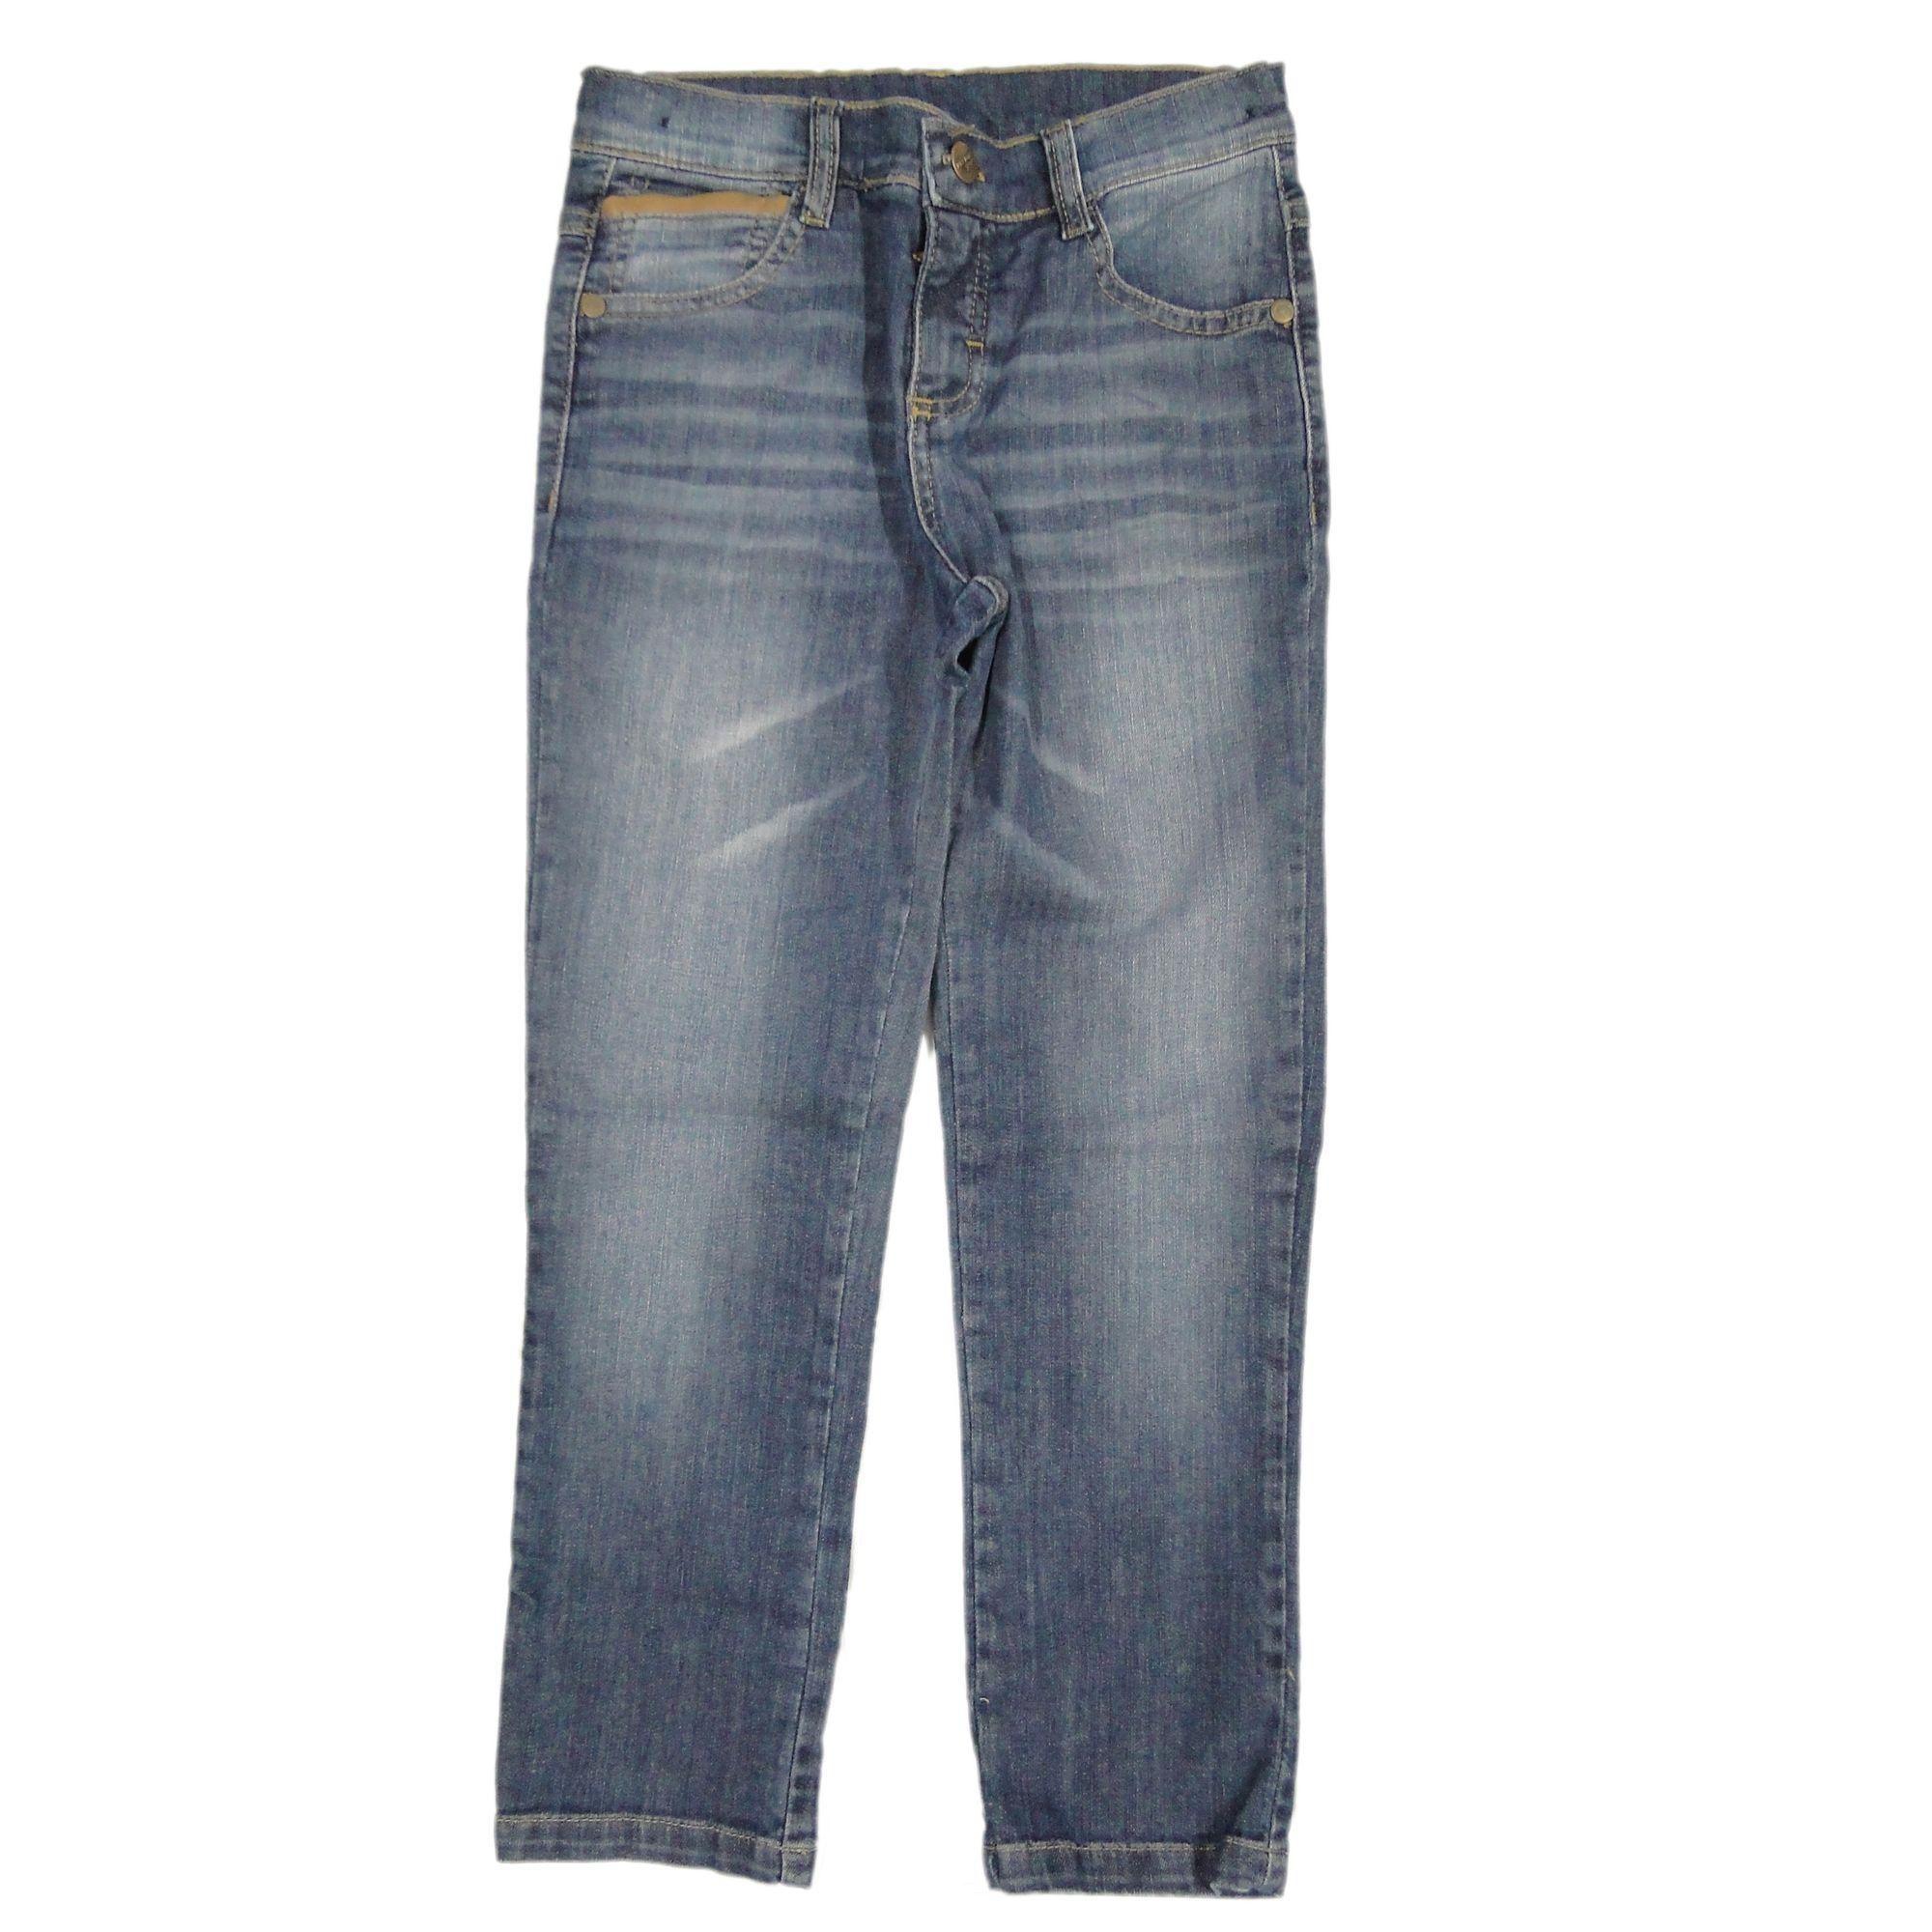 calca-jeans-infantil-menino-tradicional-bittix